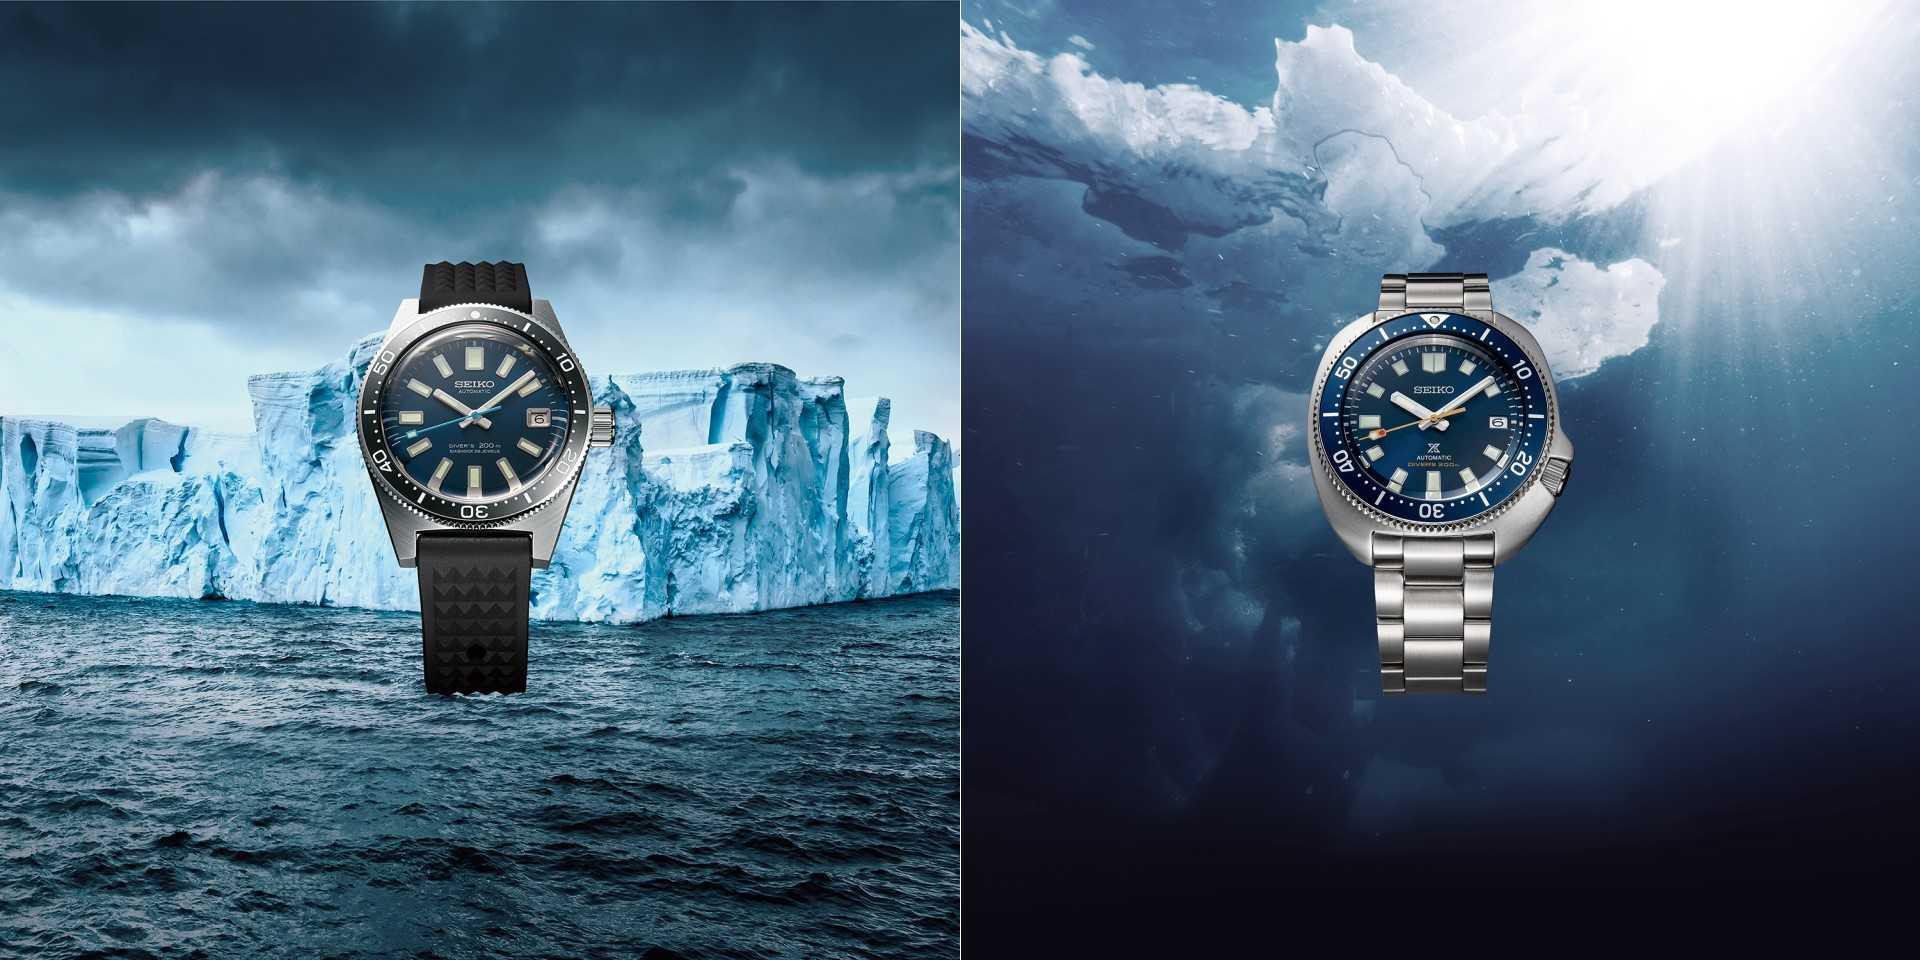 重現專業成就與探險精神:Seiko Prospex推出潛水錶55周年限量紀念款SLA043J1及SPB183J1